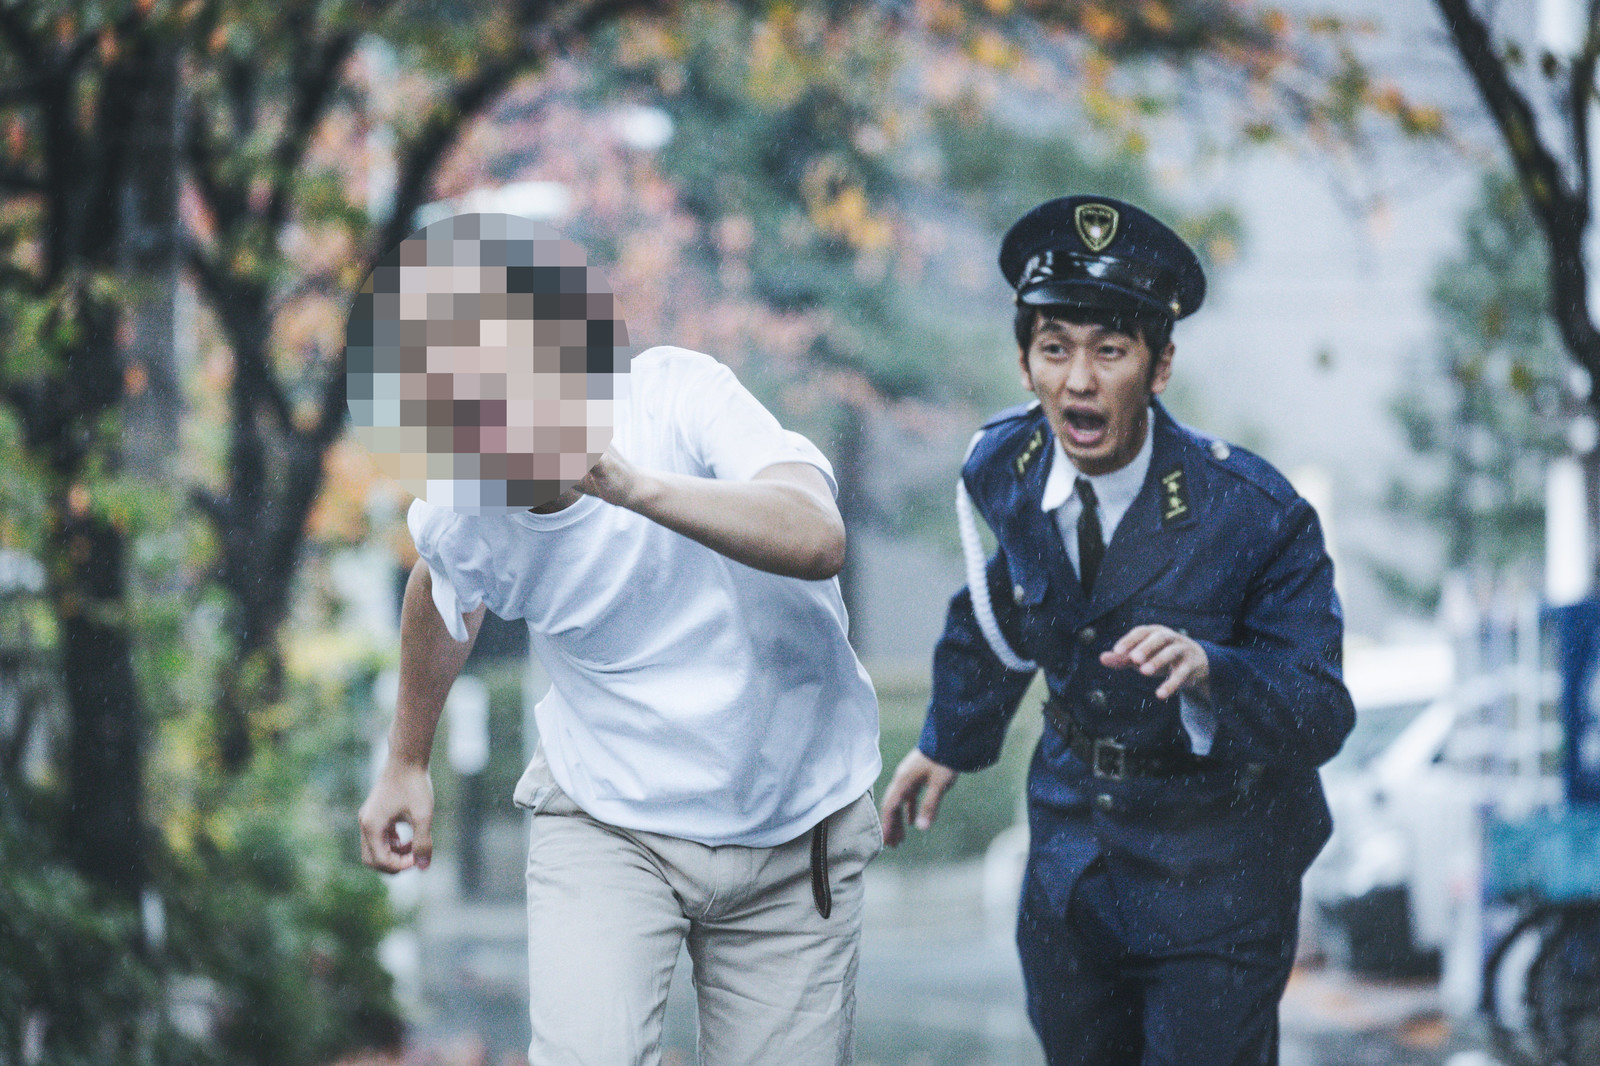 警察「痴漢と疑われたからと言って捜査もせずに逮捕しません!線路に逃げないで><」